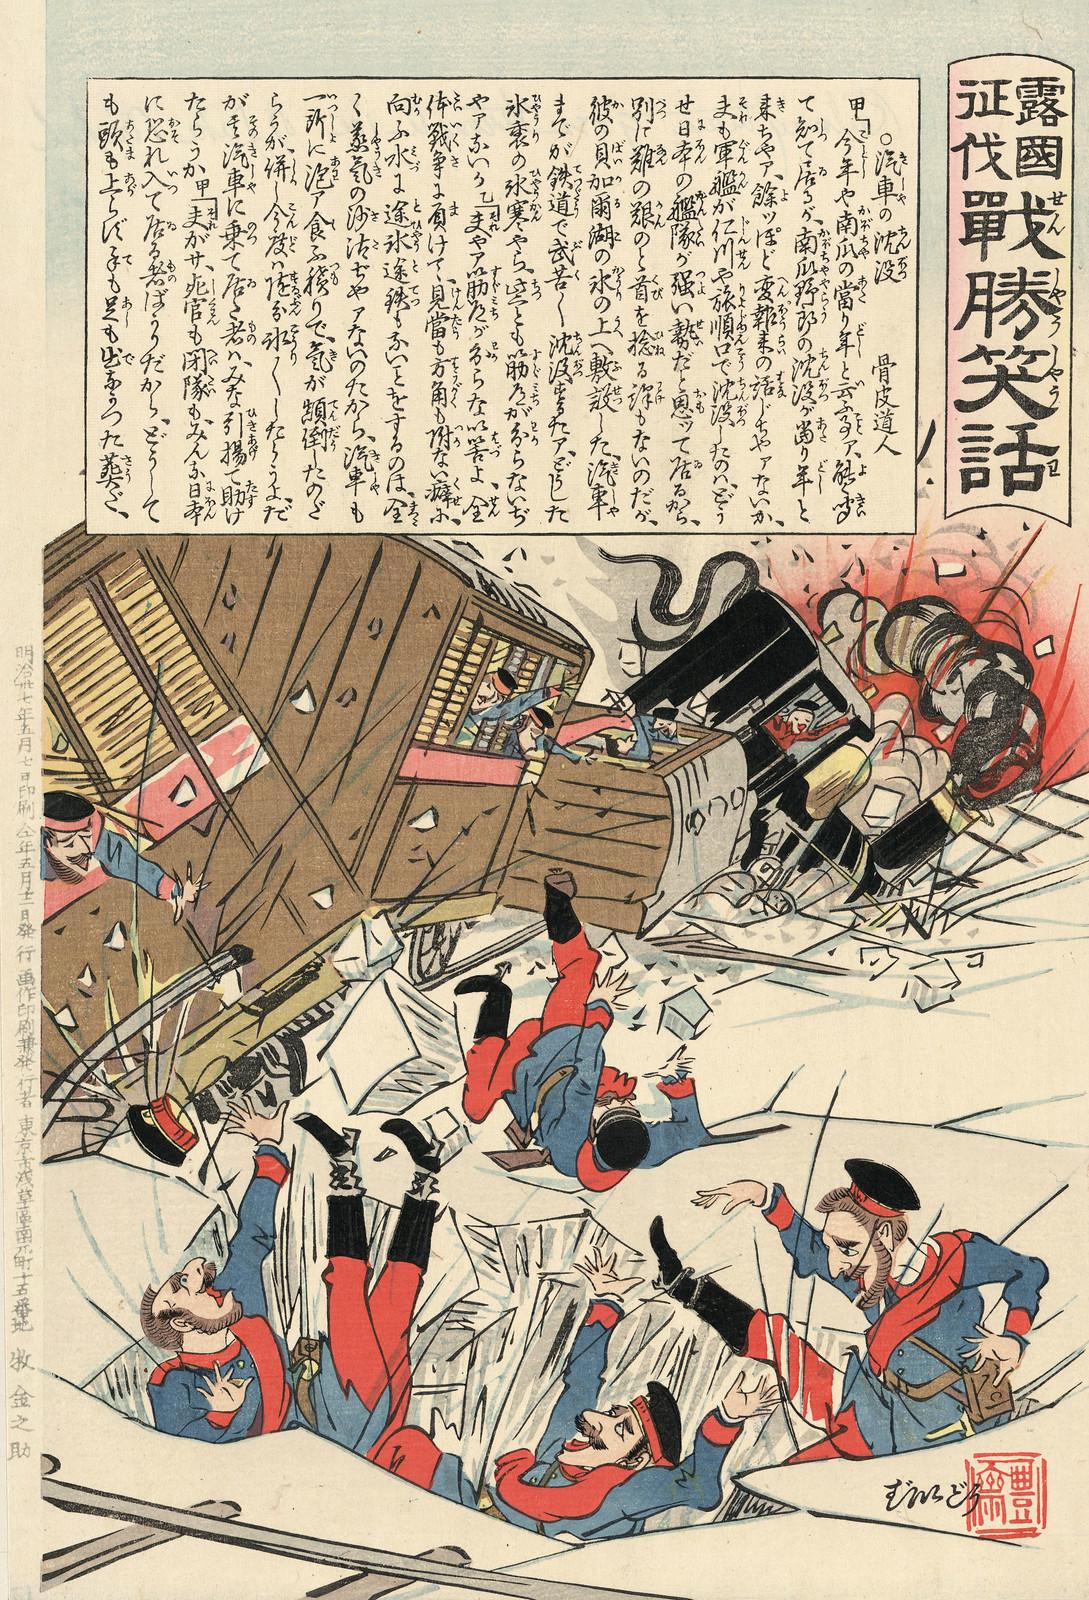 1904. На льду Байкала затонули паровоз и вагоны, погибли десятки офицеров и солдат. Транспортный потенциал России был сильно поврежден (2)